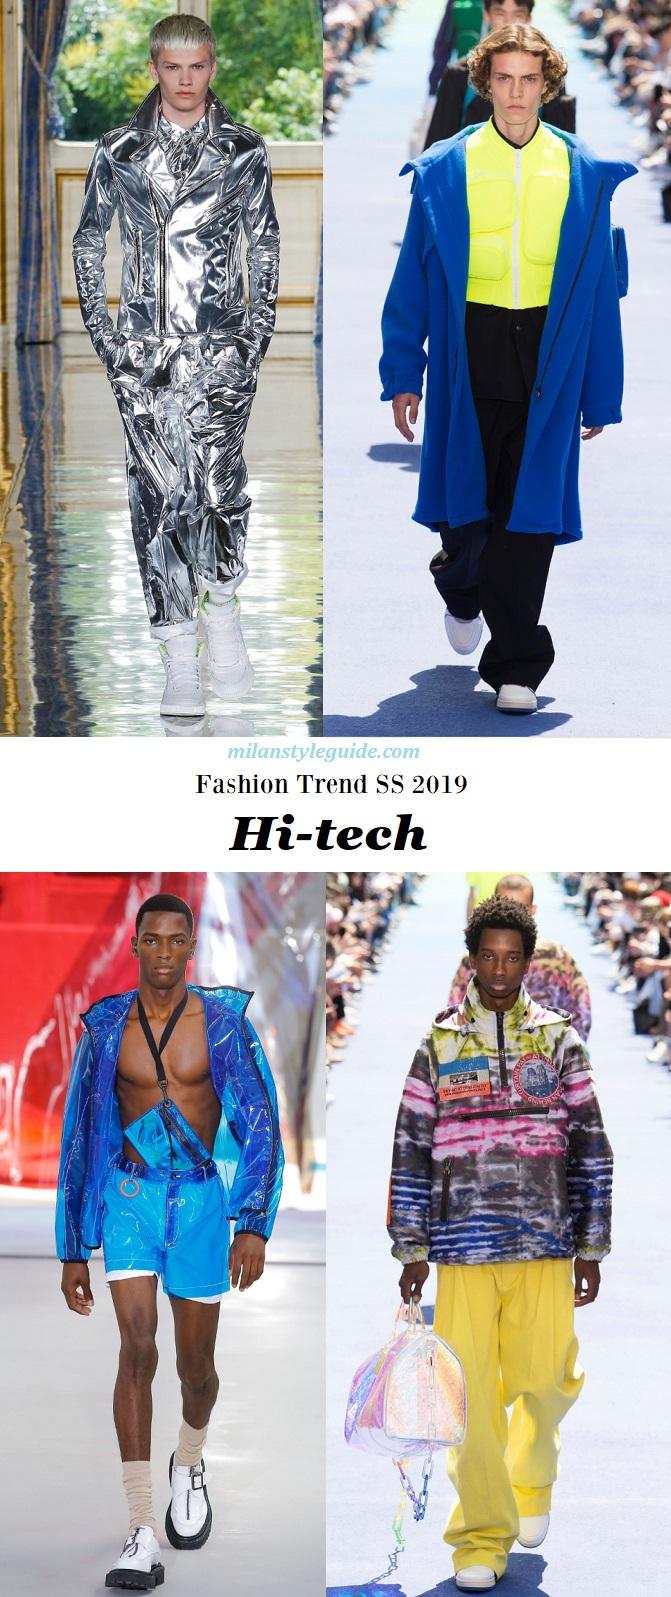 133d40f3cb941 Главные модные тенденции мужской моды сезона Весна-Лето 2019 -